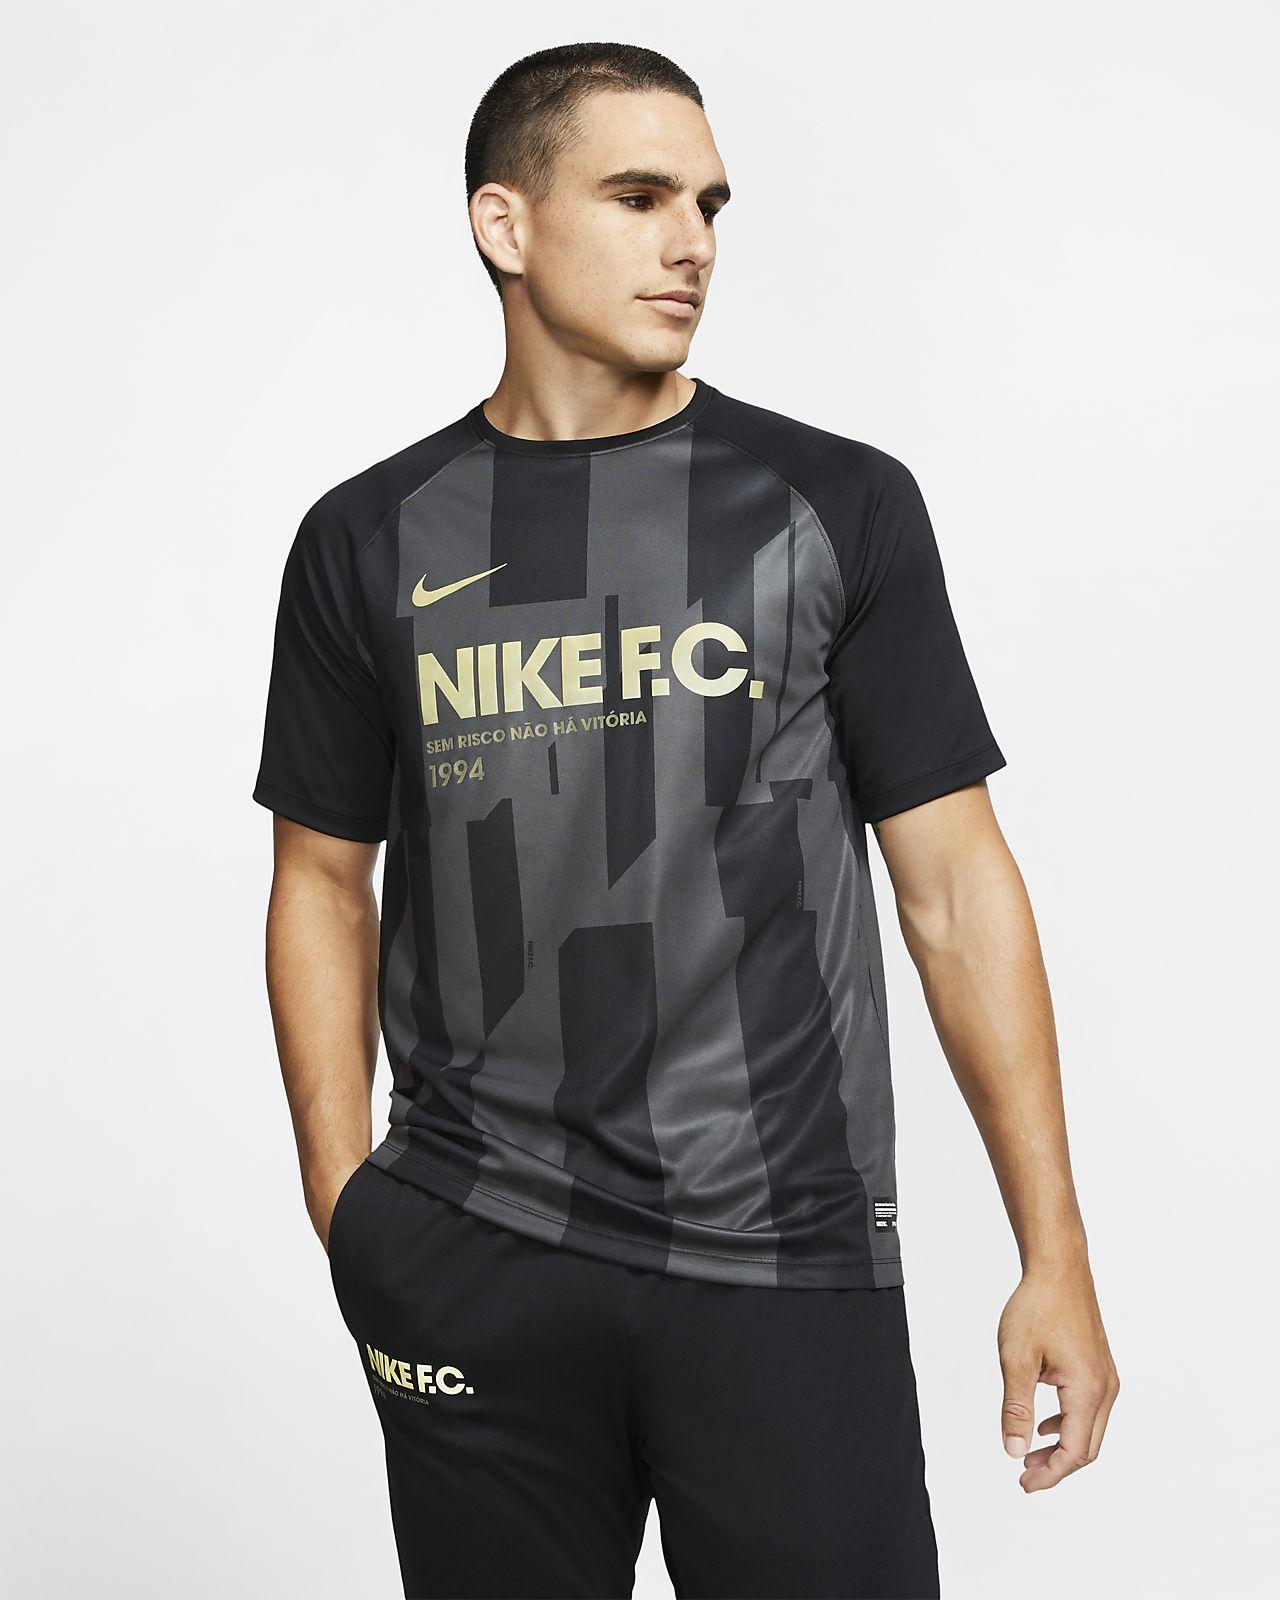 Ανδρική κοντομάνικη φανέλα Nike F.C.